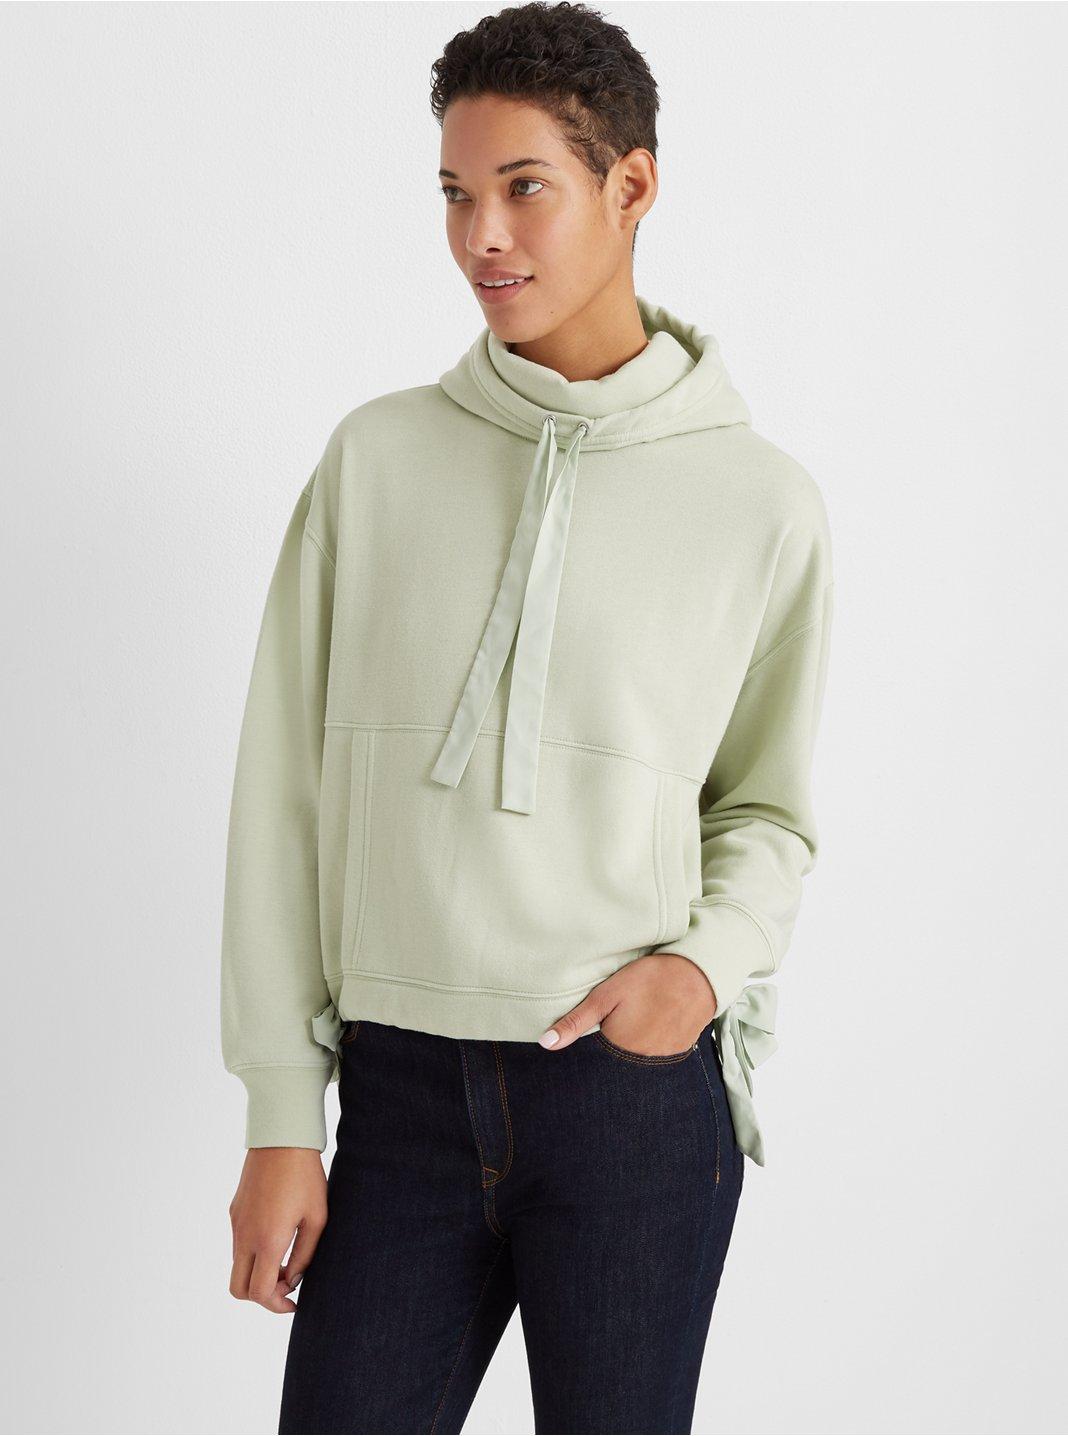 클럽 모나코 스웻셔츠 Club Monaco Harvee Sweatshirt,Soft Celadon